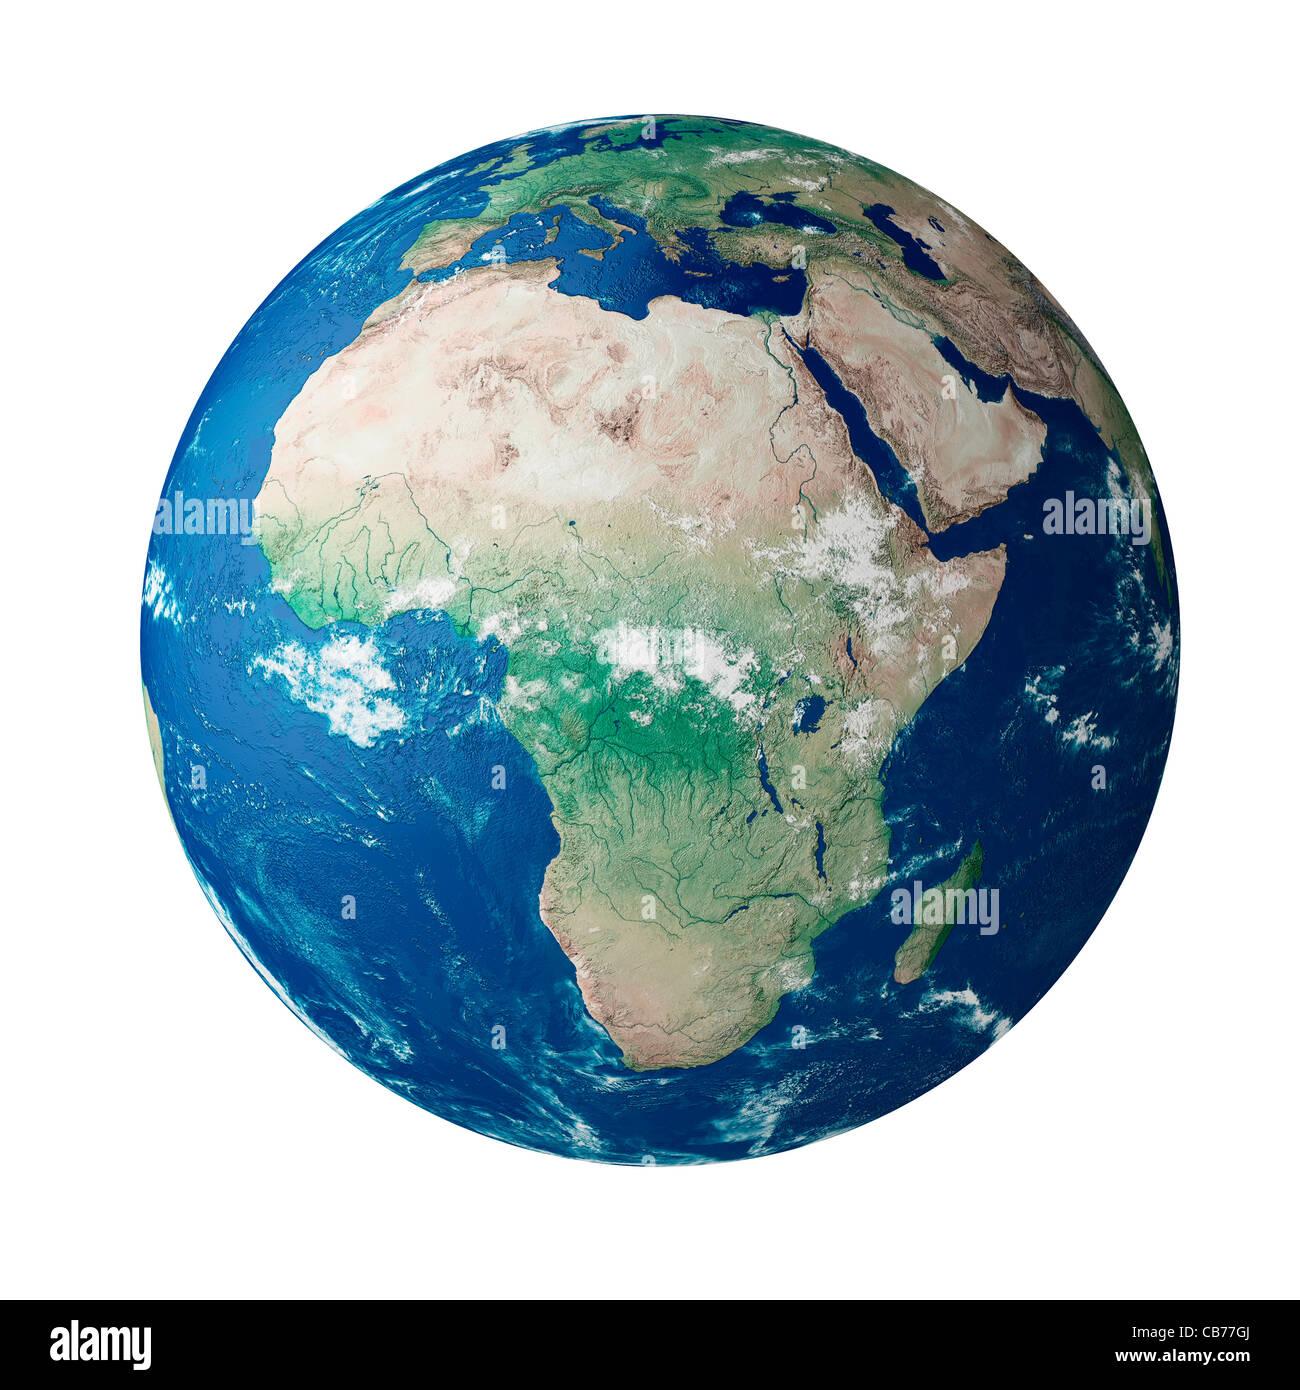 Globe montrant le continent de l'Afrique sur la planète terre Photo Stock